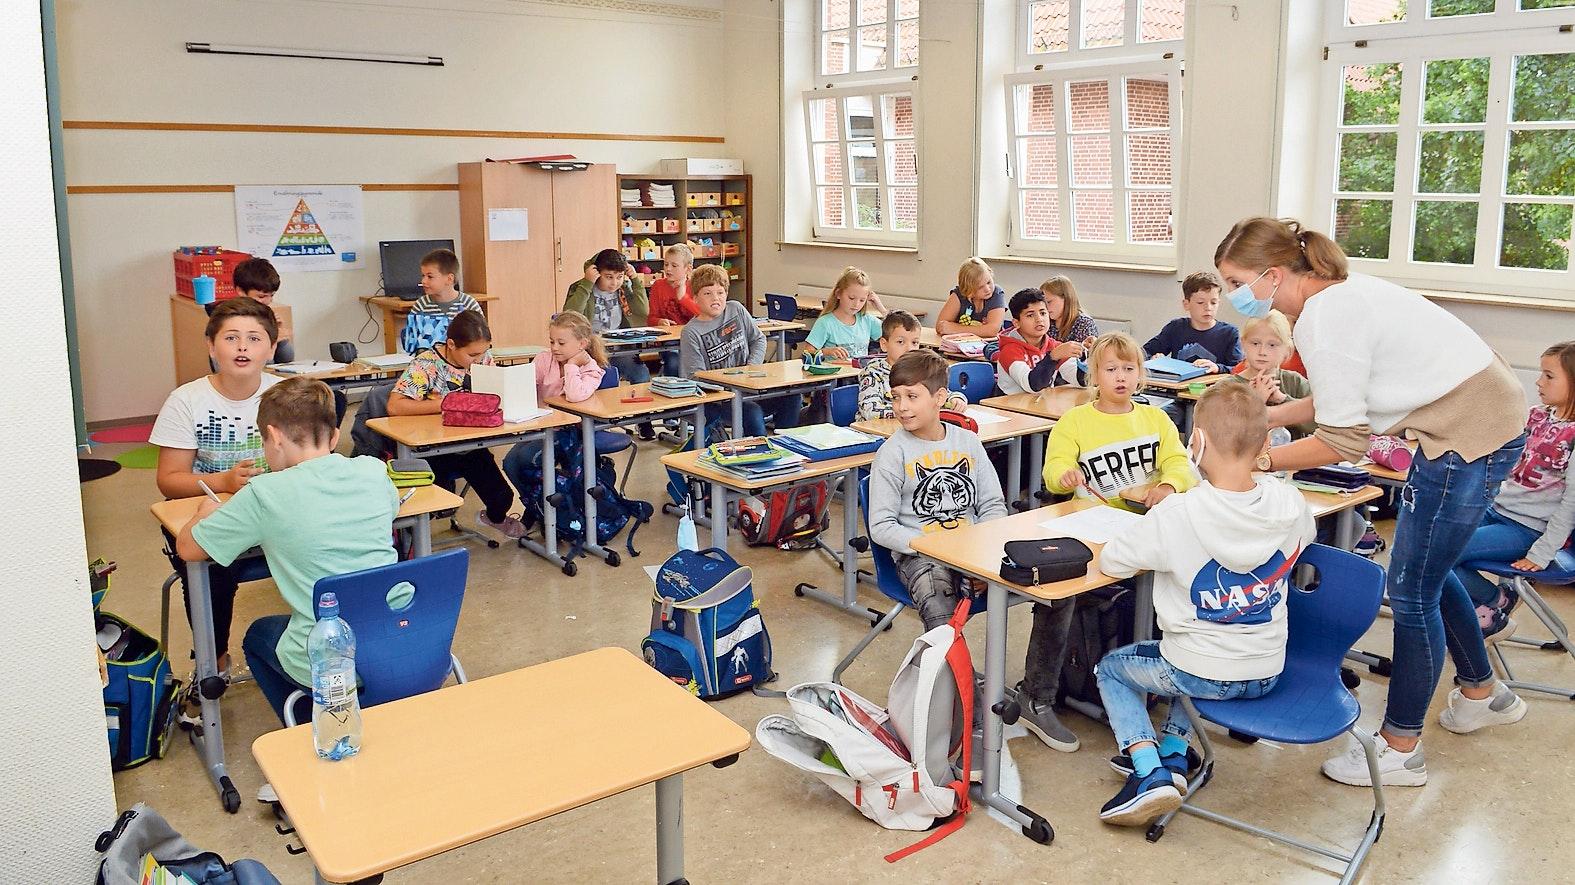 Ohne Maske:  In der Klasse, die die neue Einheit für alle  Bewegungen und Aktionen außerhalb dieses Raumes bildet, tragen die Schüler keine Maske. Auch Gruppenarbeit ist Teil des Unterrichts. Foto: Willi Siemer